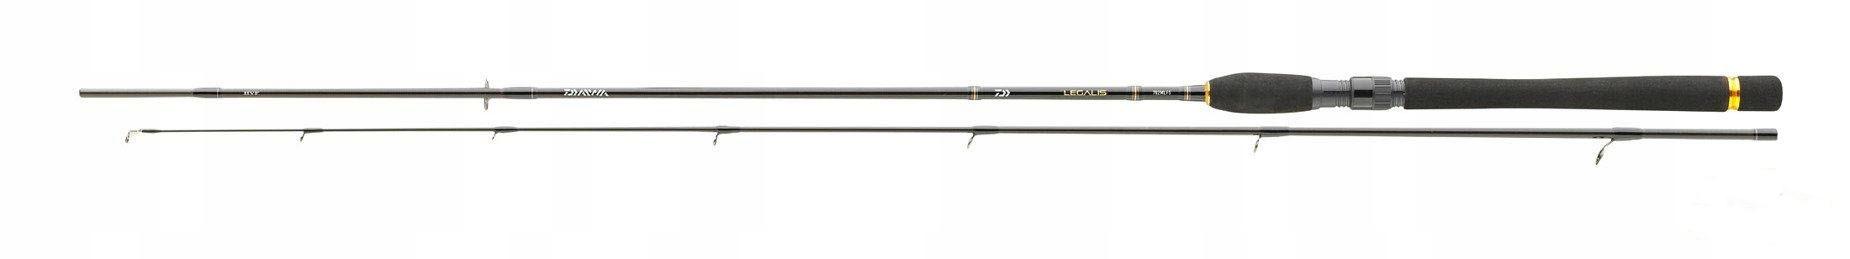 Tyč na Daiwa Legalis Ul Spin - 2.1 m 3-15 g